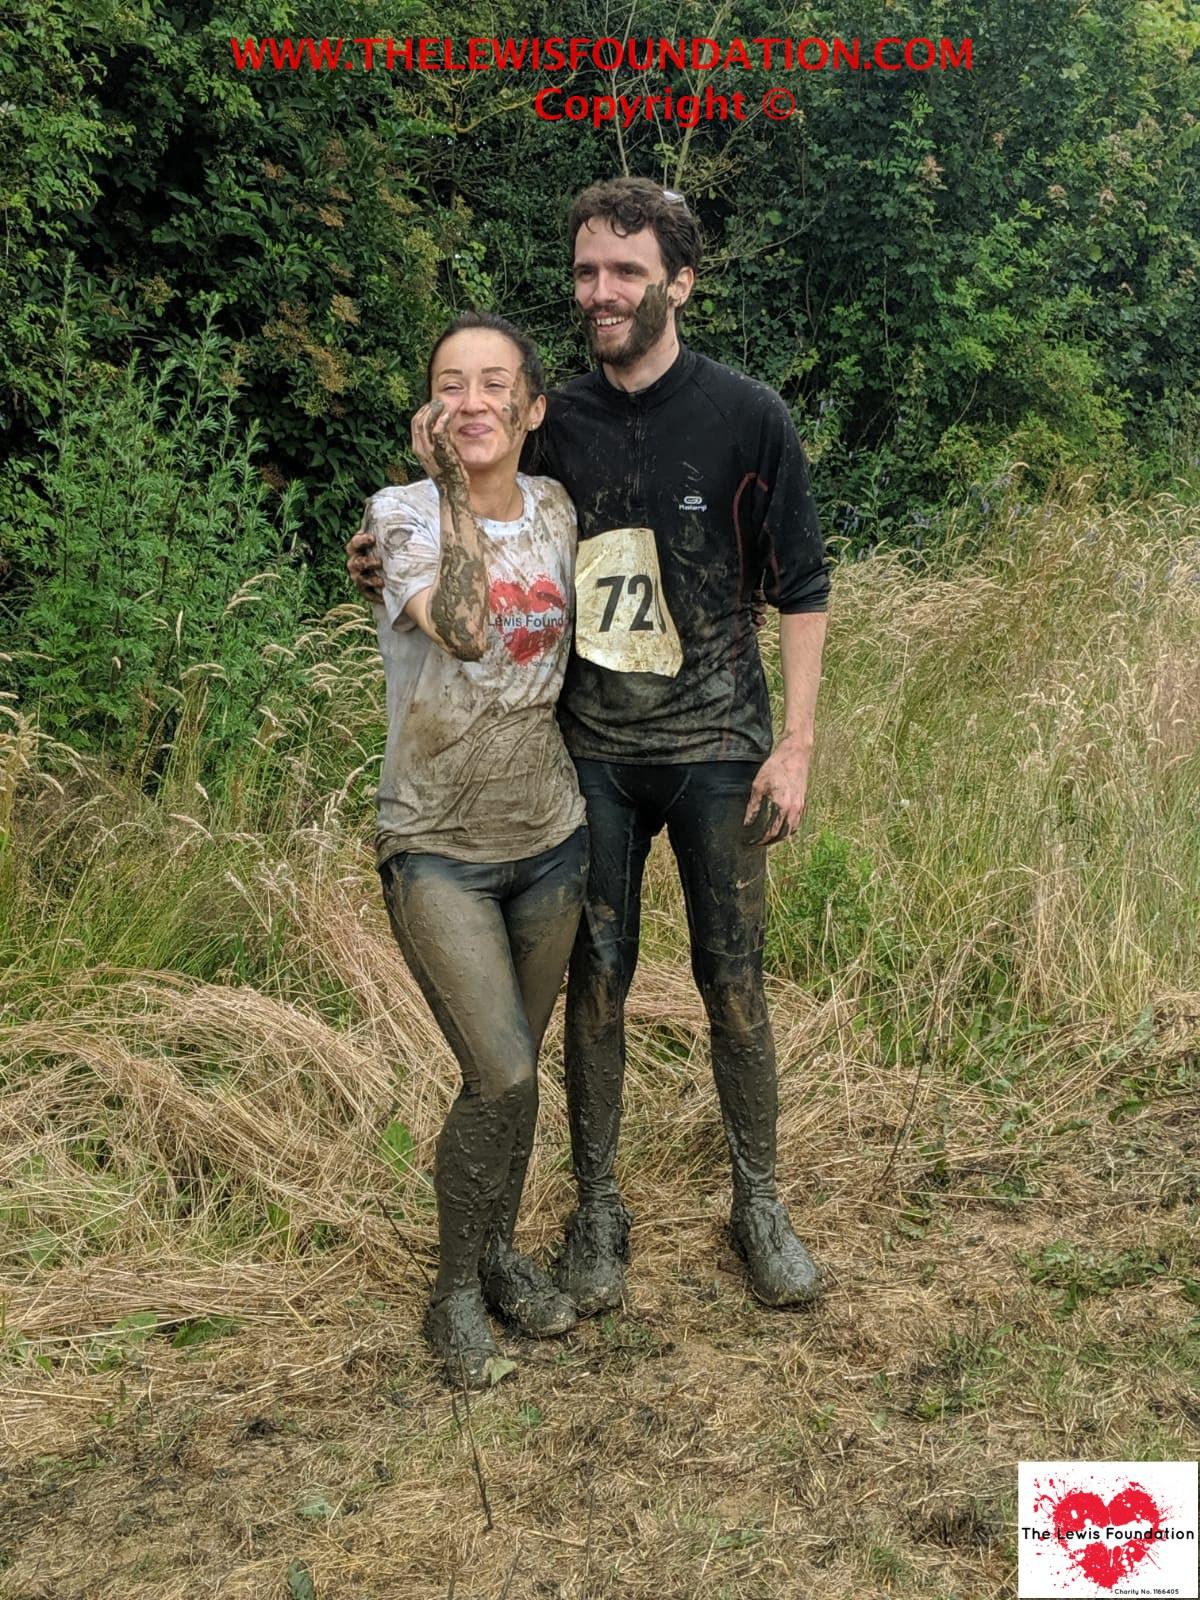 Muddy Furlong 15